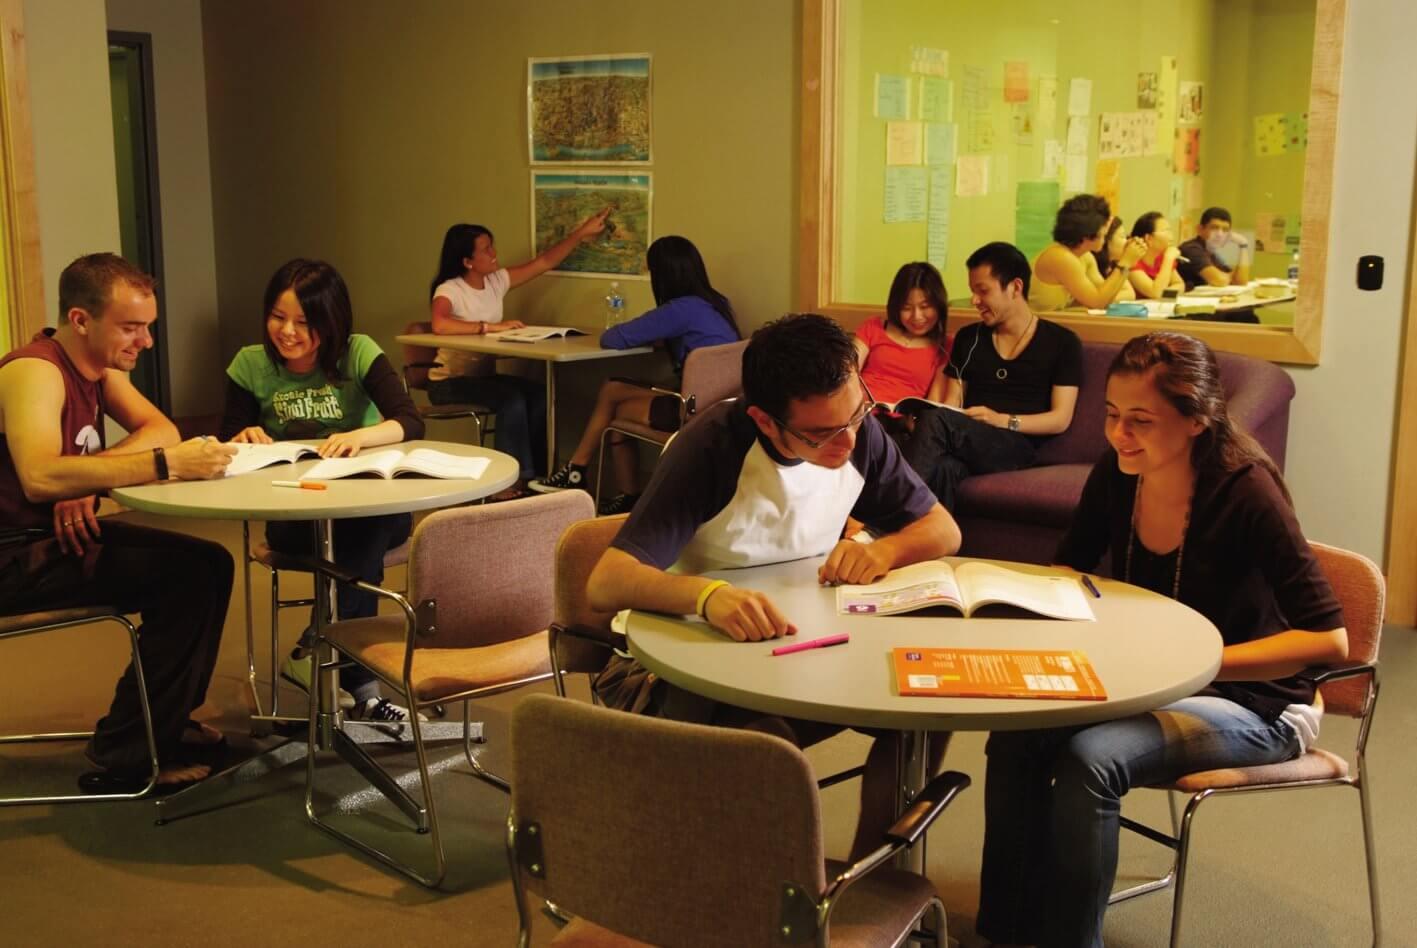 Espacios amplios y adaptados a la formación - La escuela en Toronto, Canadá